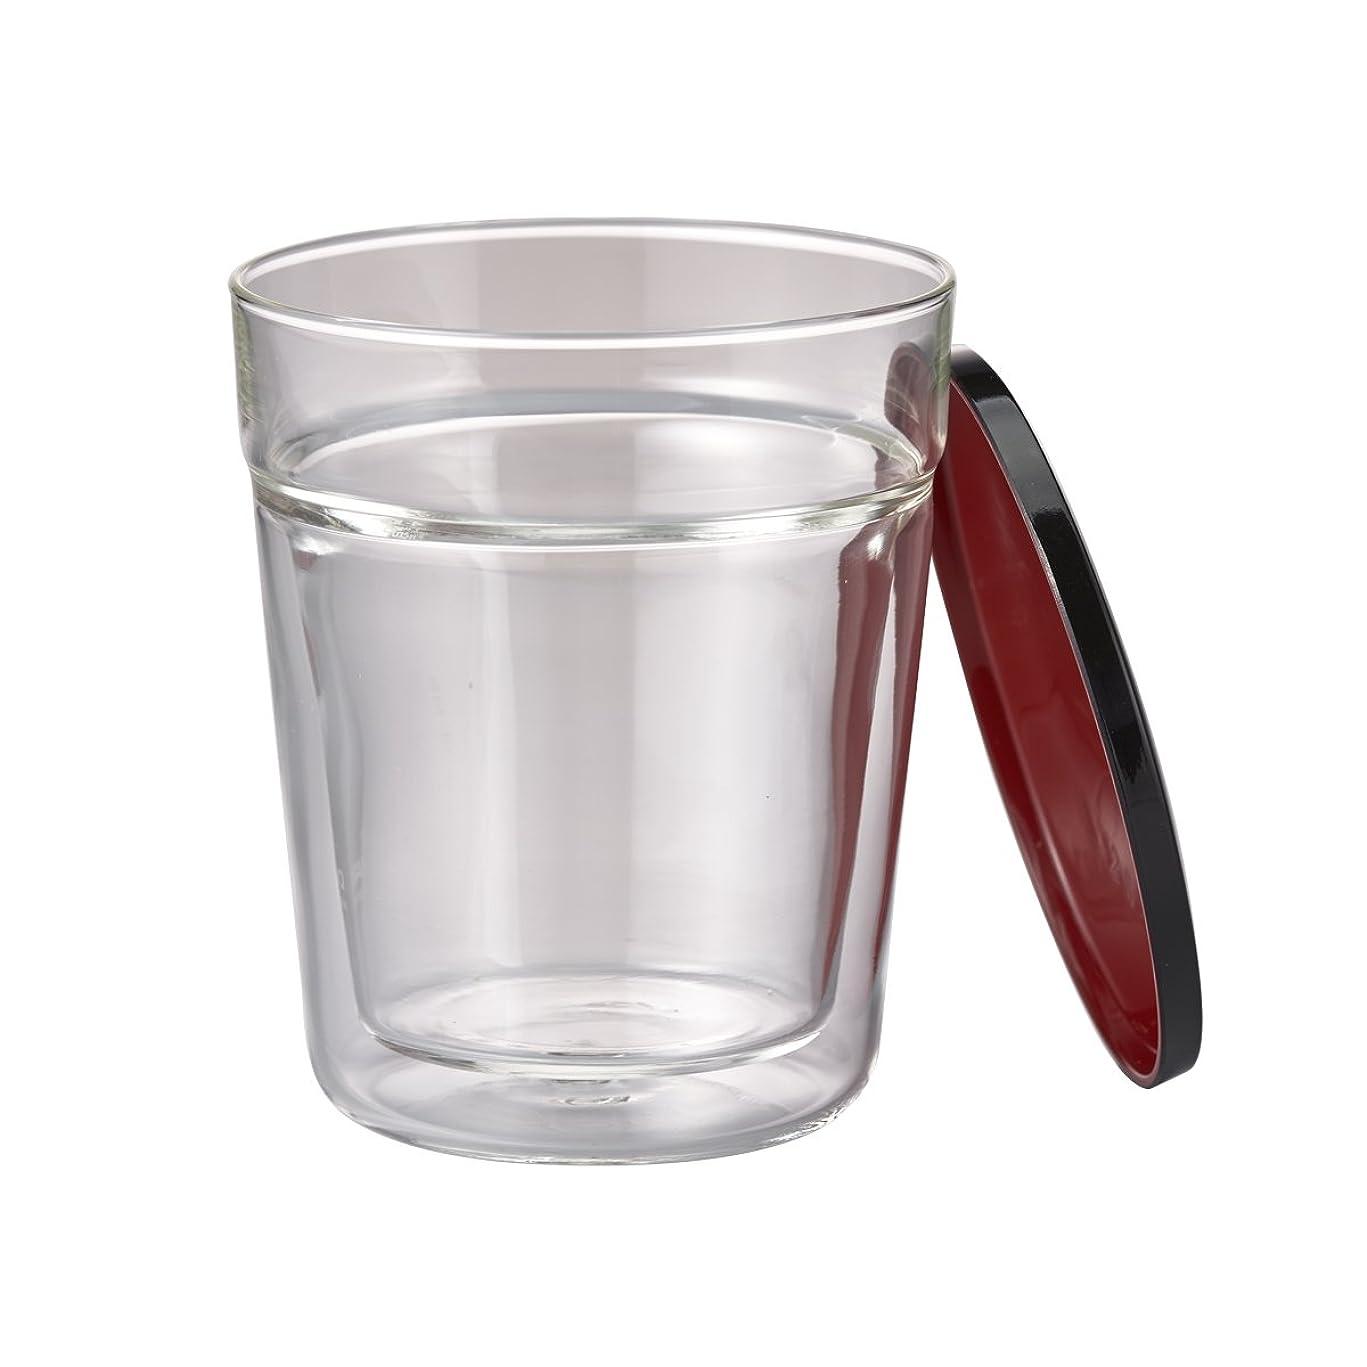 失うもつれ買収月夜野工房 我が家の一杯 焼酎グラス S 青 T1-0240-B